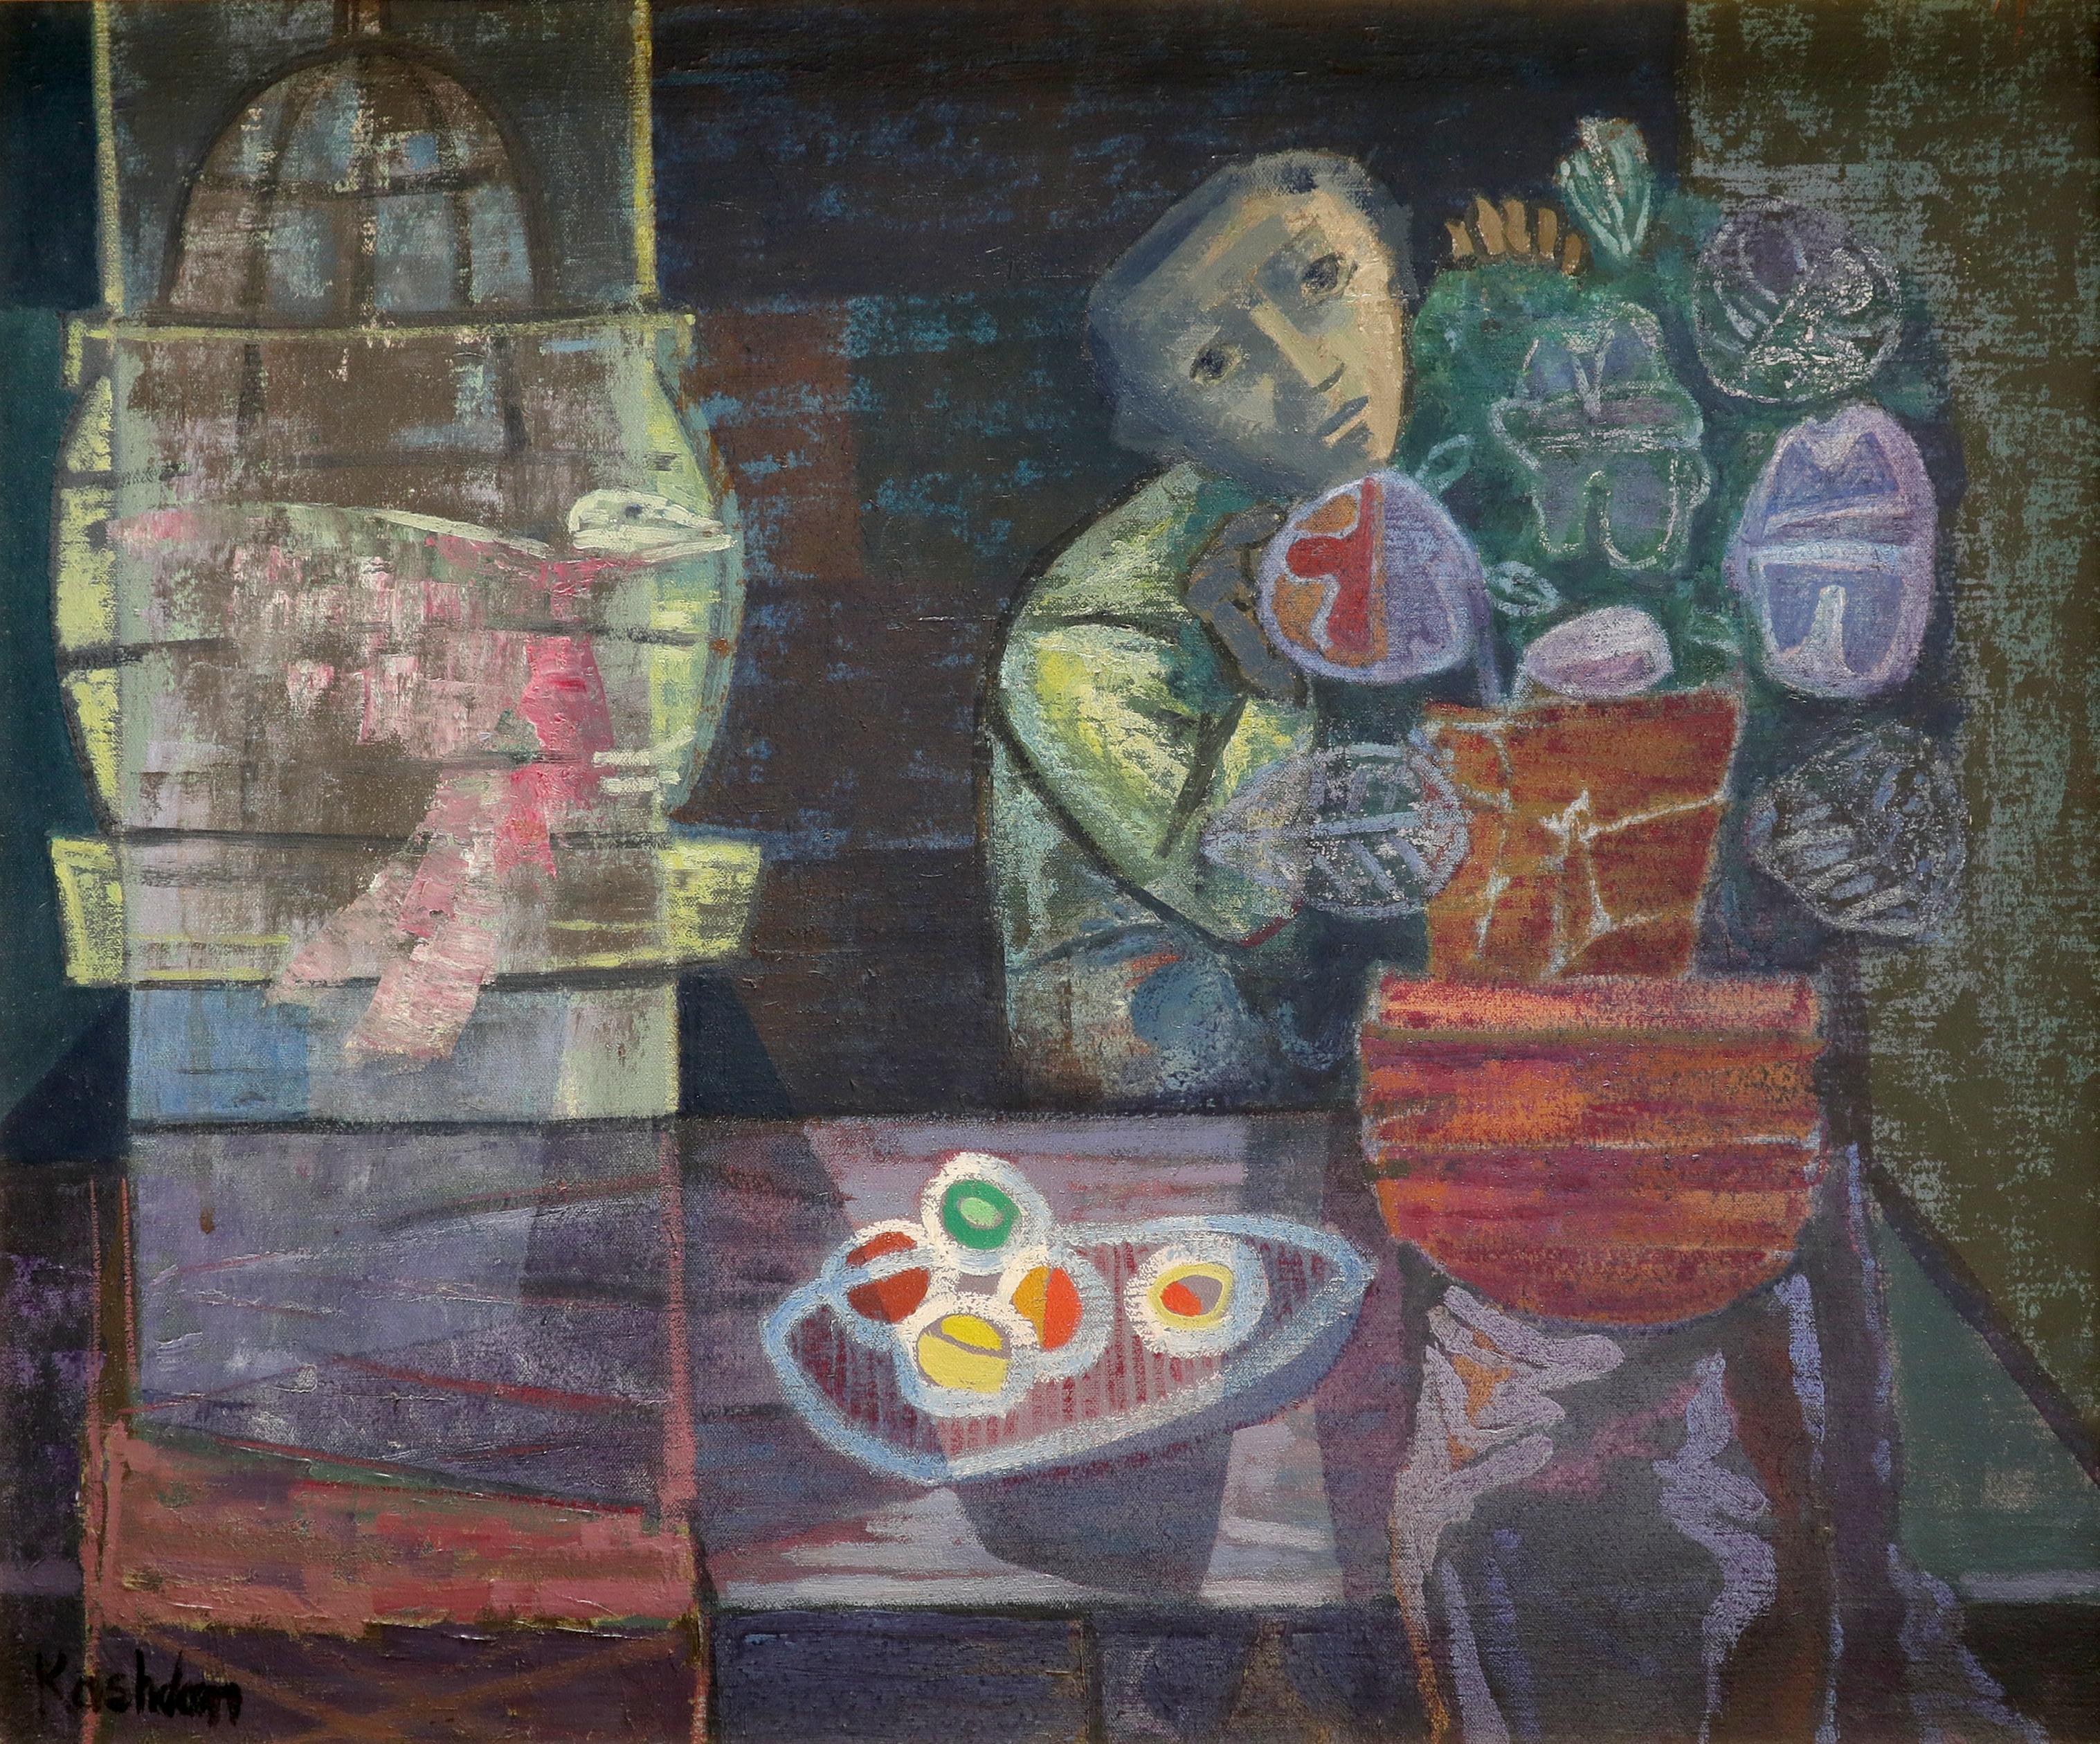 ‡John Kashdan (1917-2001) Boy with Bird Signed Kashdan (lower left) Oil on canvas, c.1949 51.3 x